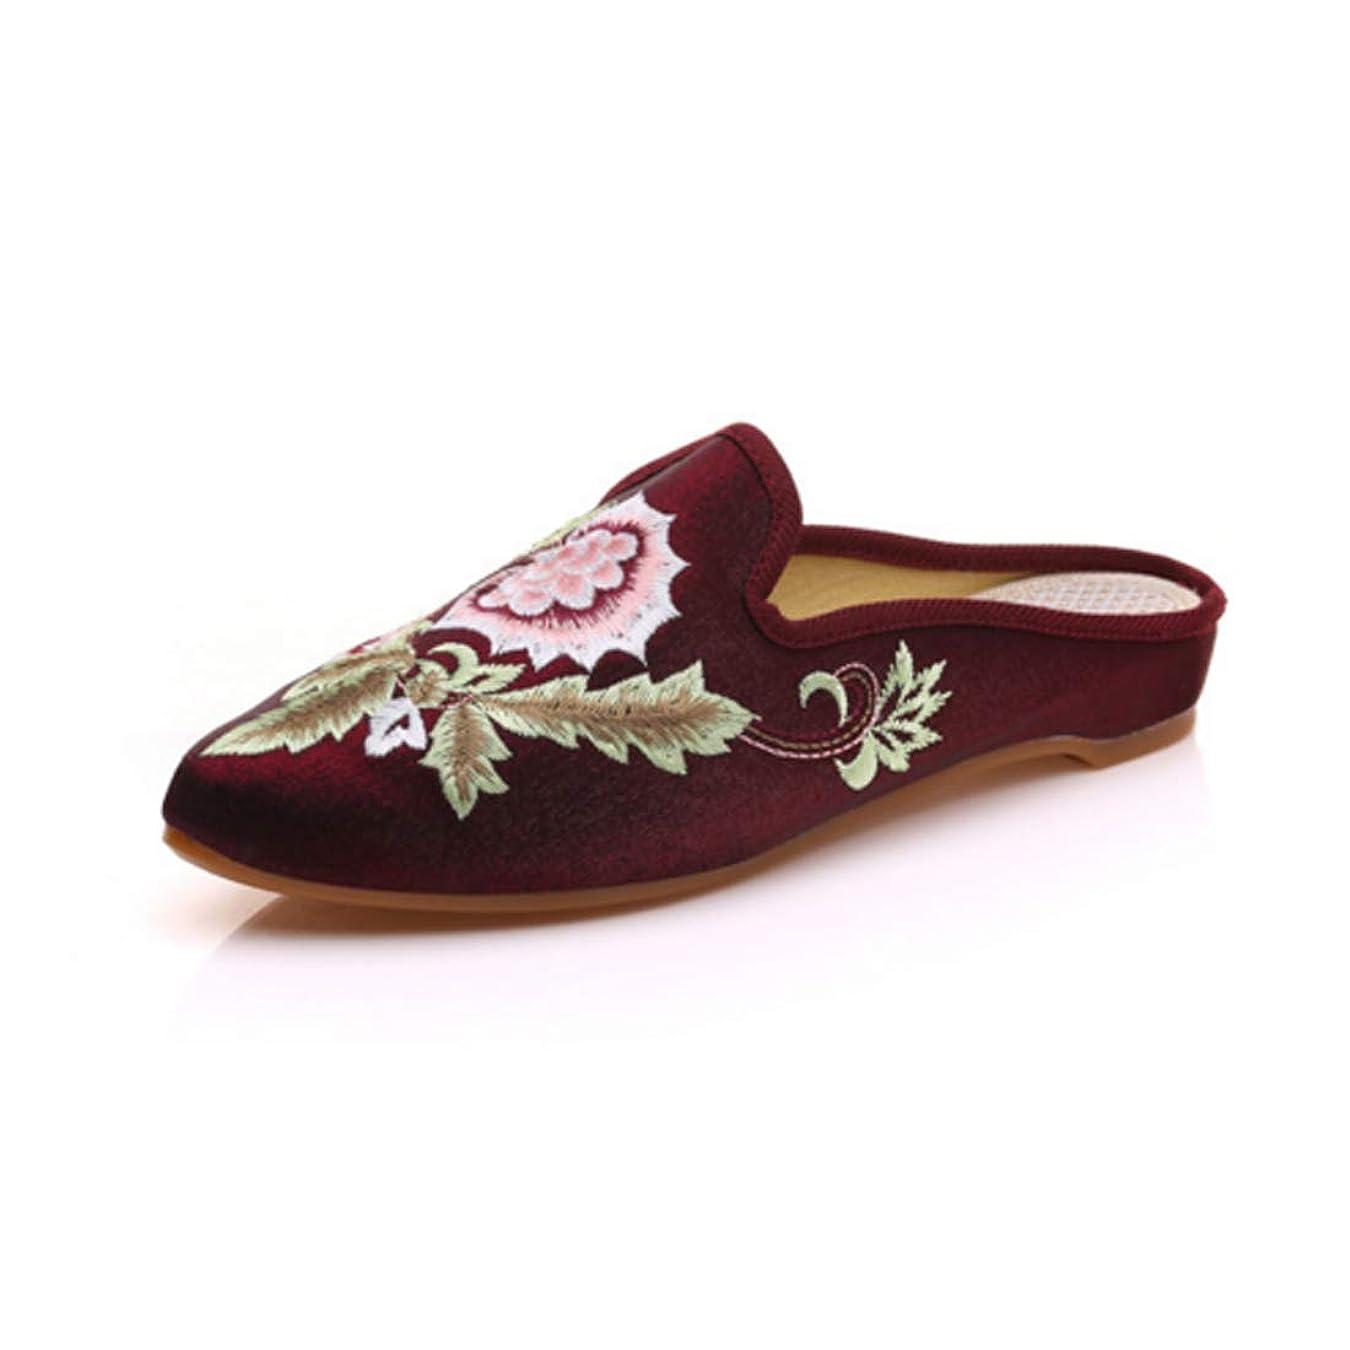 独裁銅モスクInlefen 刺繍入りシューズ 婦人向け 中国語 フローラル 刺繍 先のとがったつま先 スリッパ カジュアルシューズ